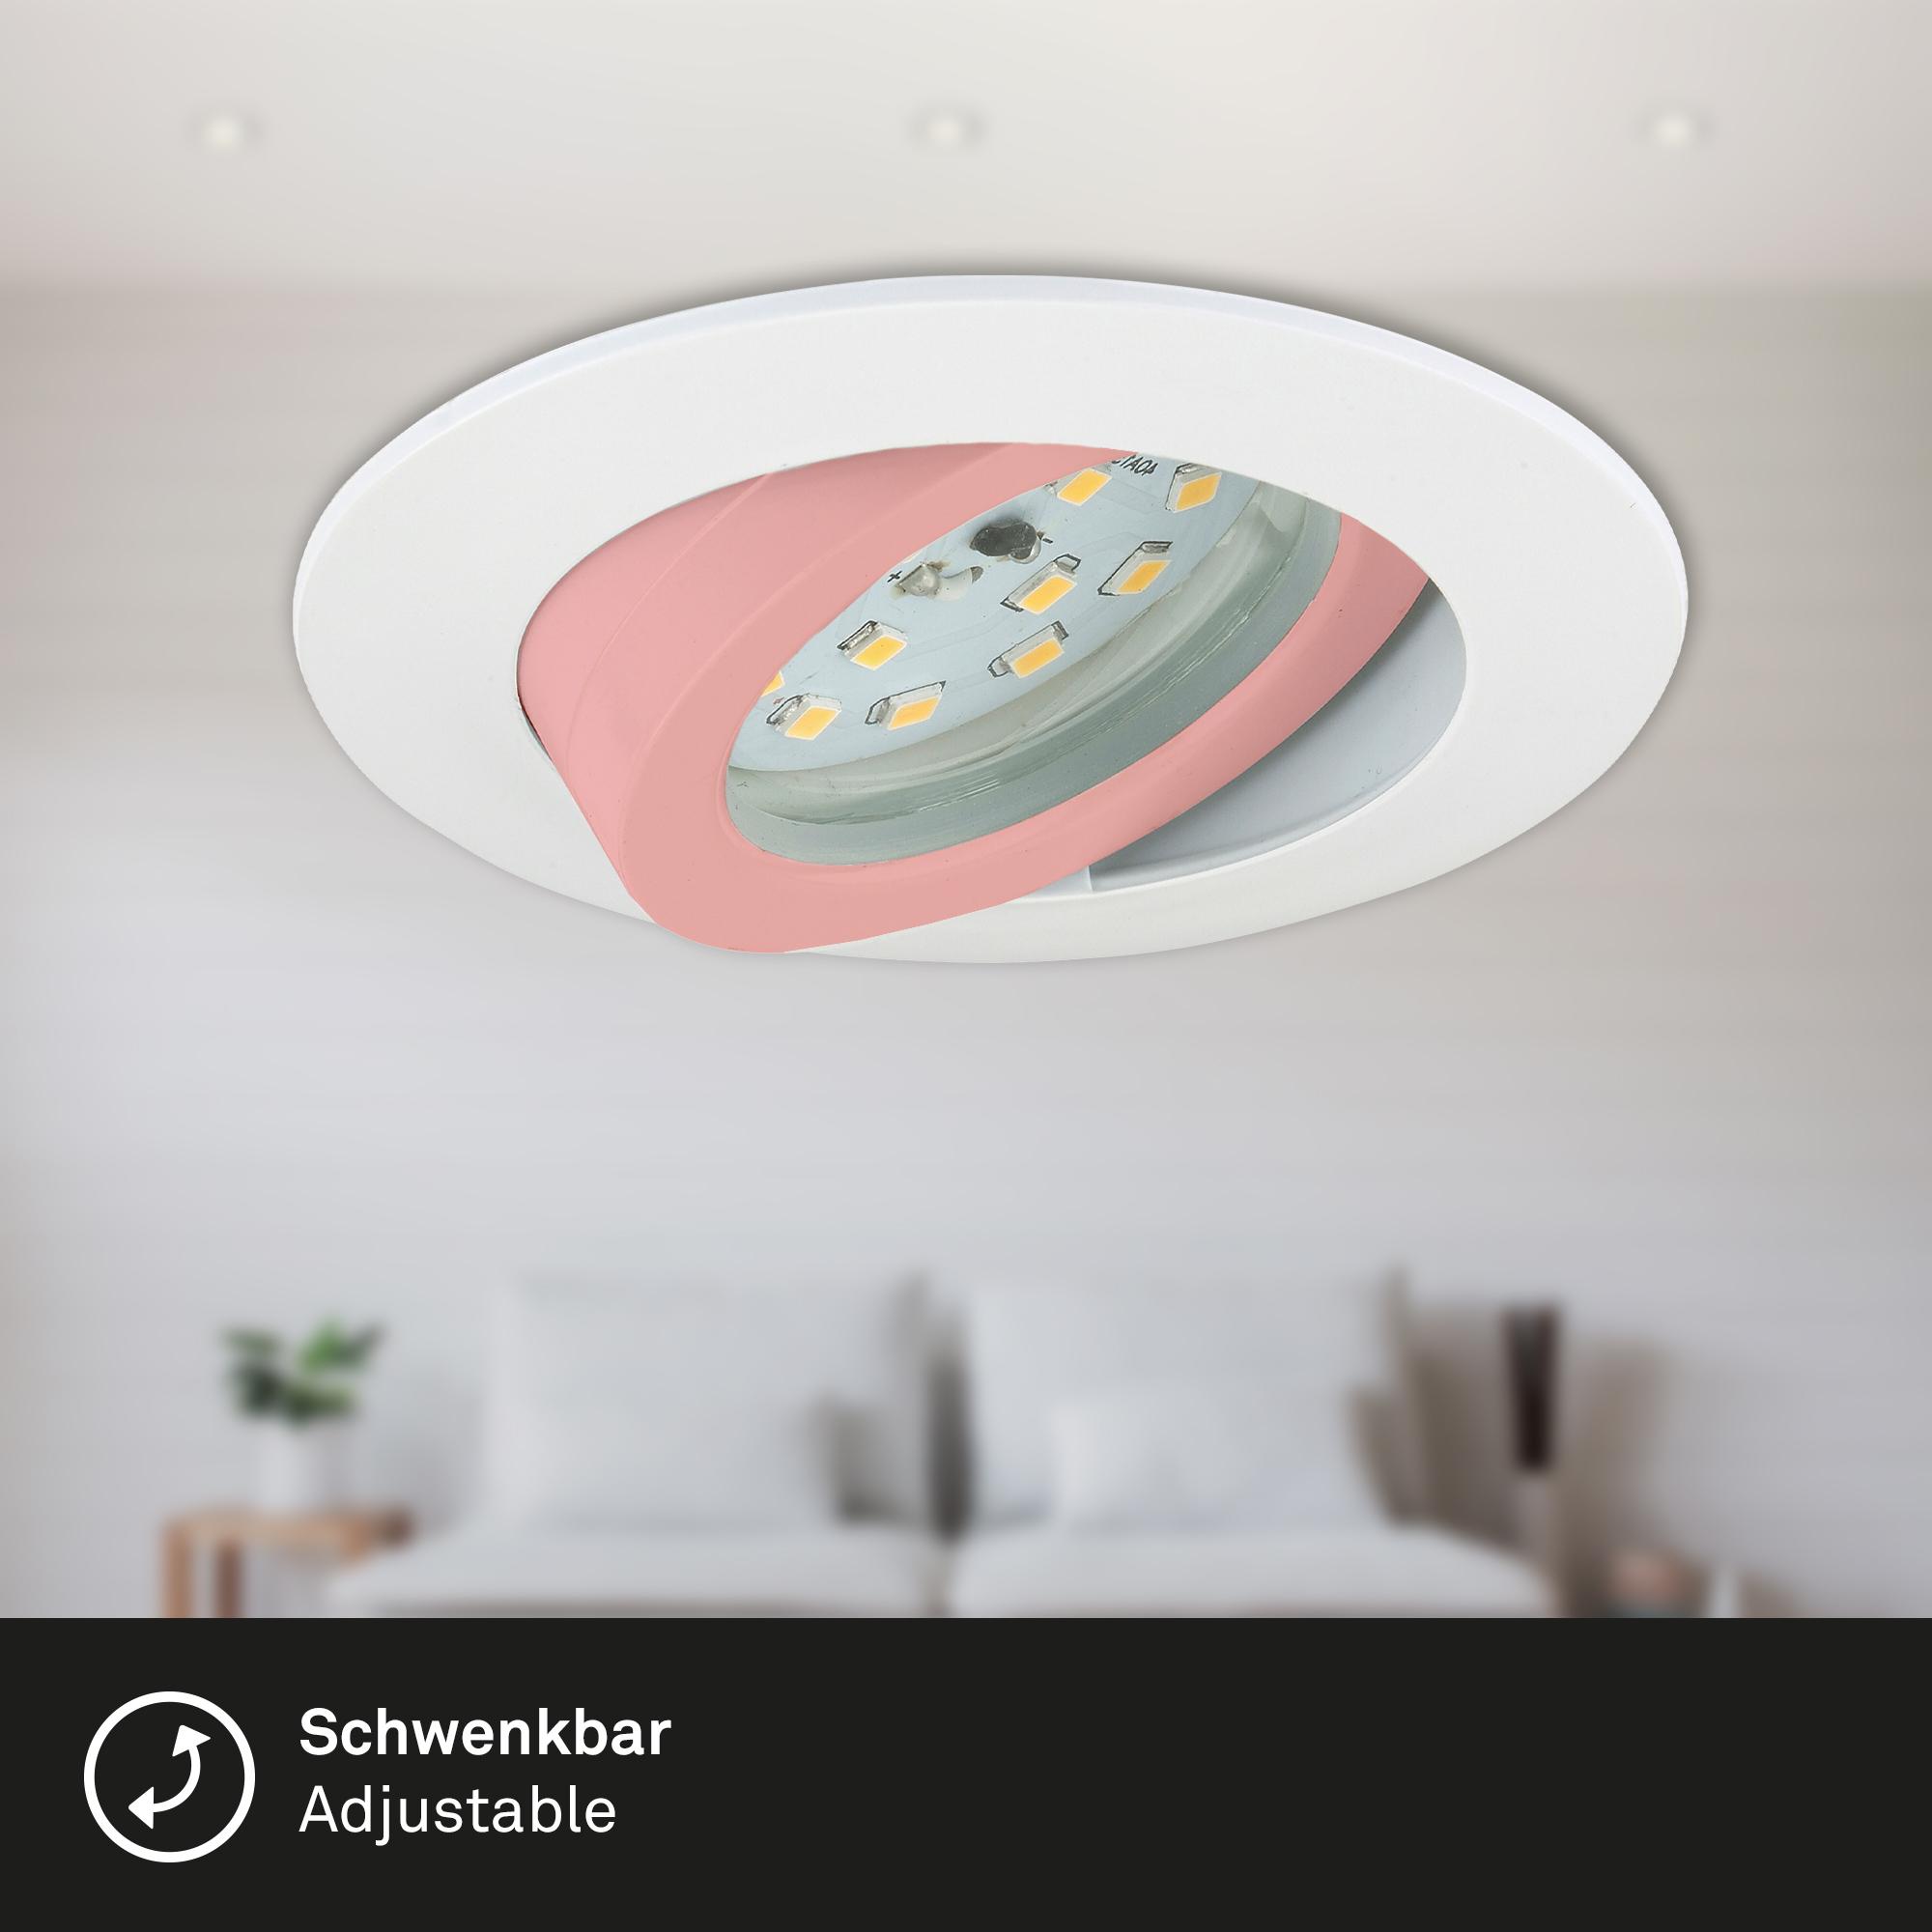 LED Einbauleuchte, Ø 8,2 cm, 6,5 W, Weiß